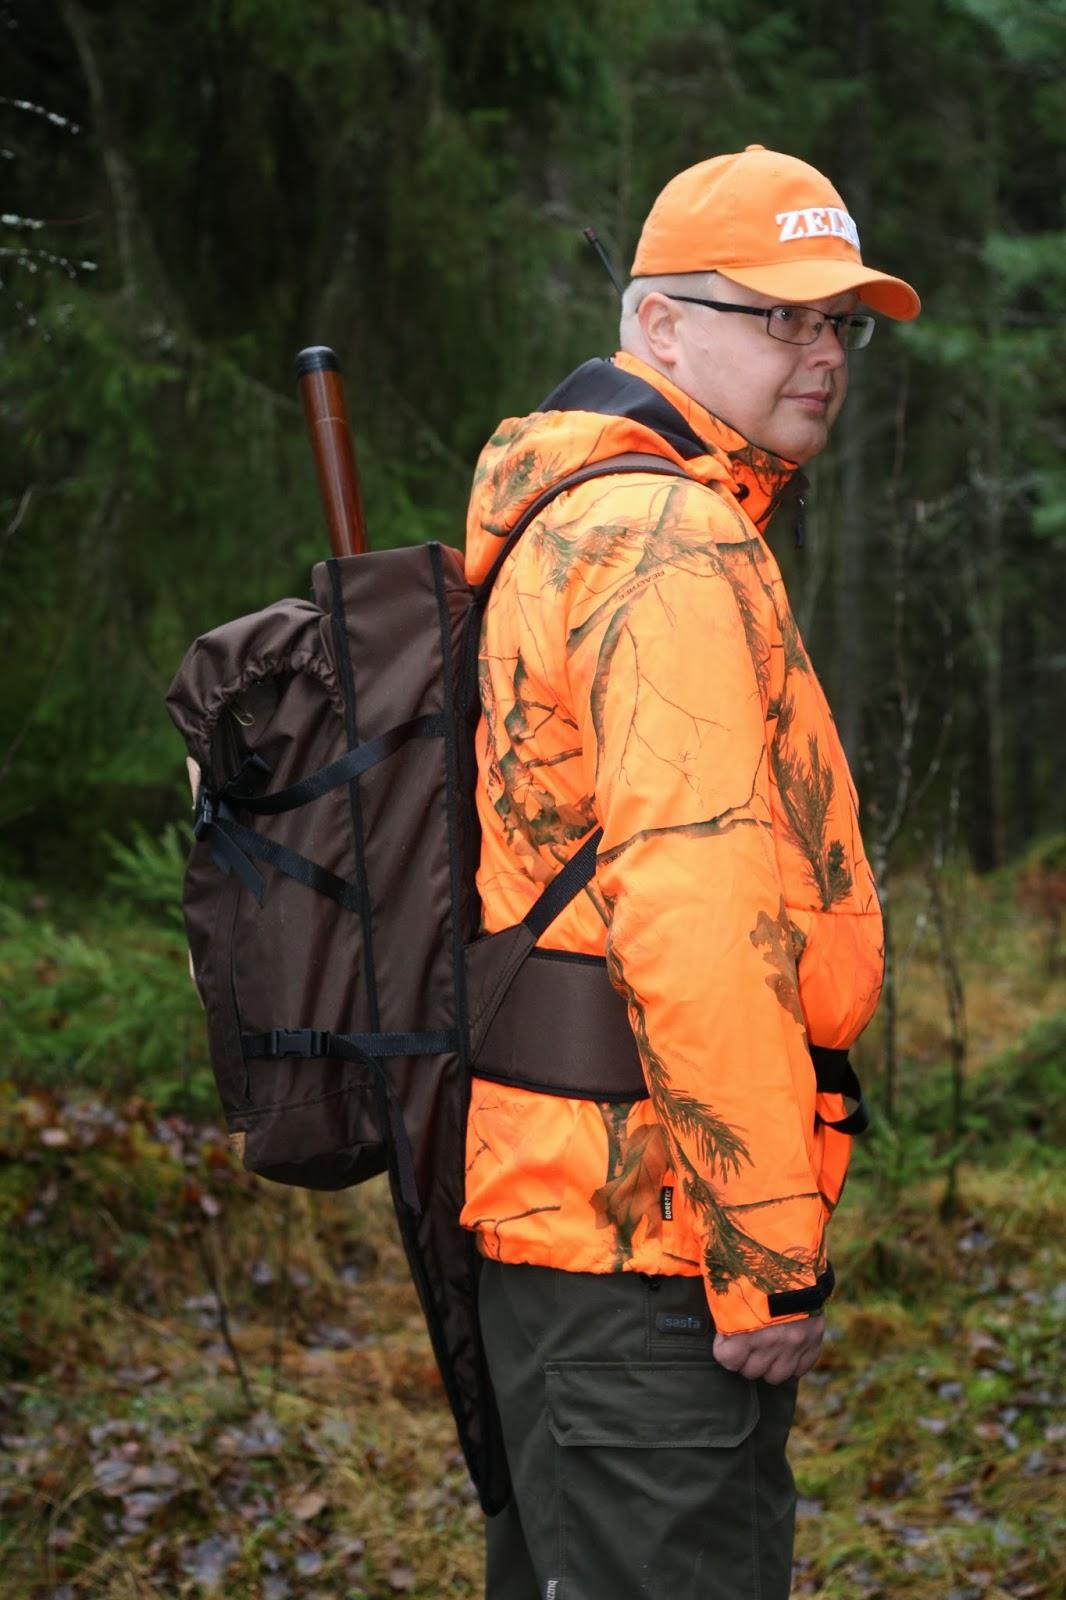 Onnistuneen reissun tärkeitä edellytyksiä ovat toimiva vaatetus ja mukava  reppu tarvikkeiden kantamiseksi. Savotta Torrakko –asereppu ja Sasta Hirvas  Blaze ... 65b1282d1b